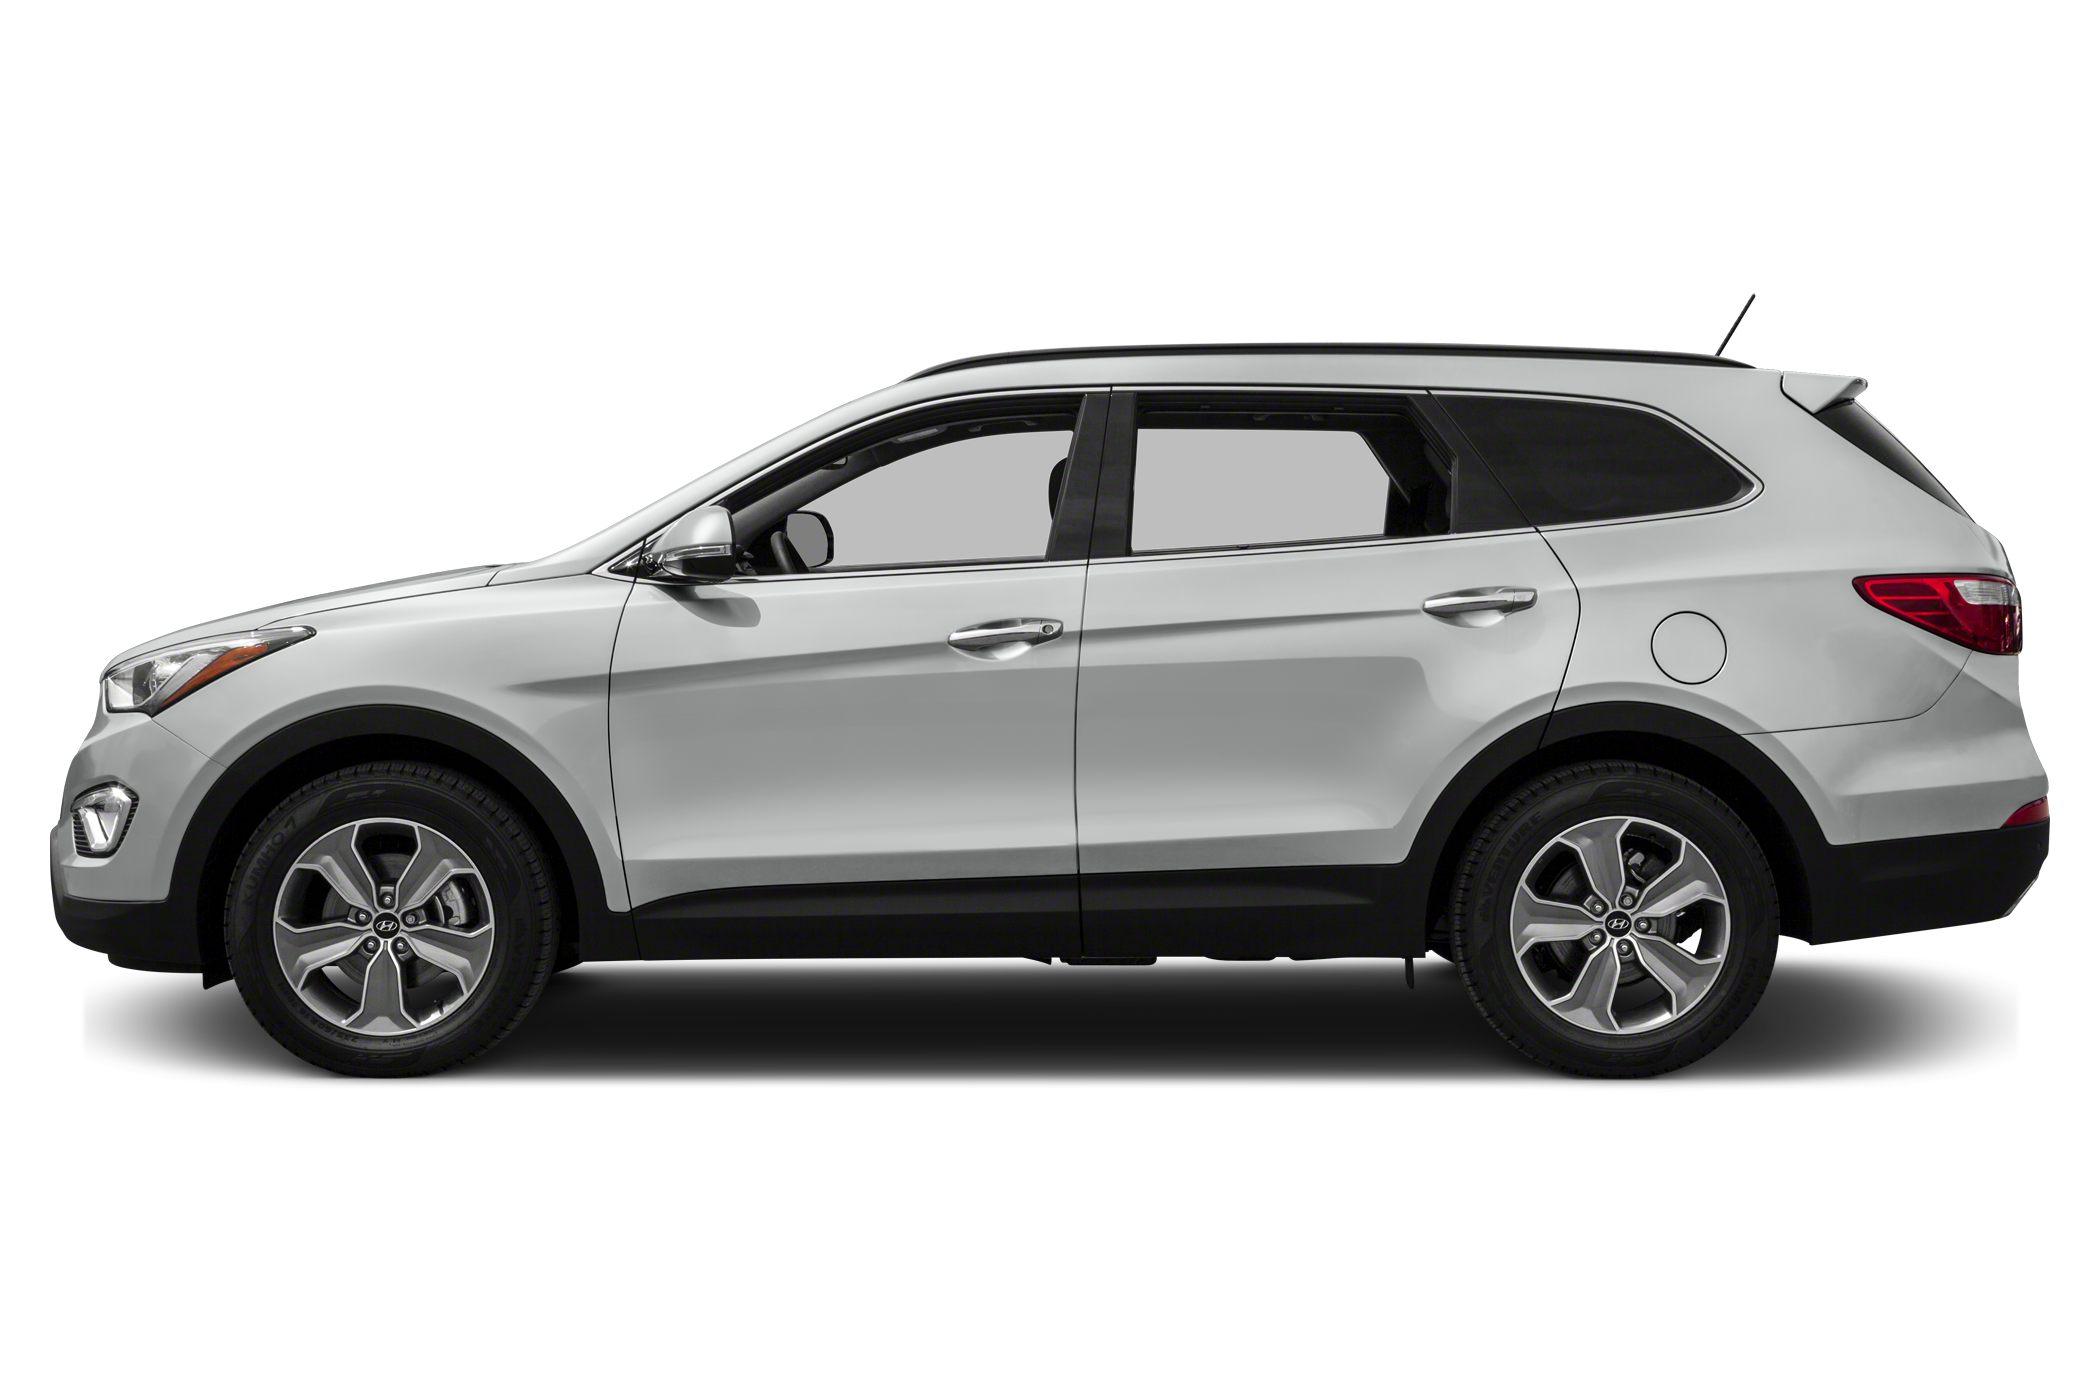 Used 2013 Hyundai Santa Fe GLS Inventory Vehicle Details at